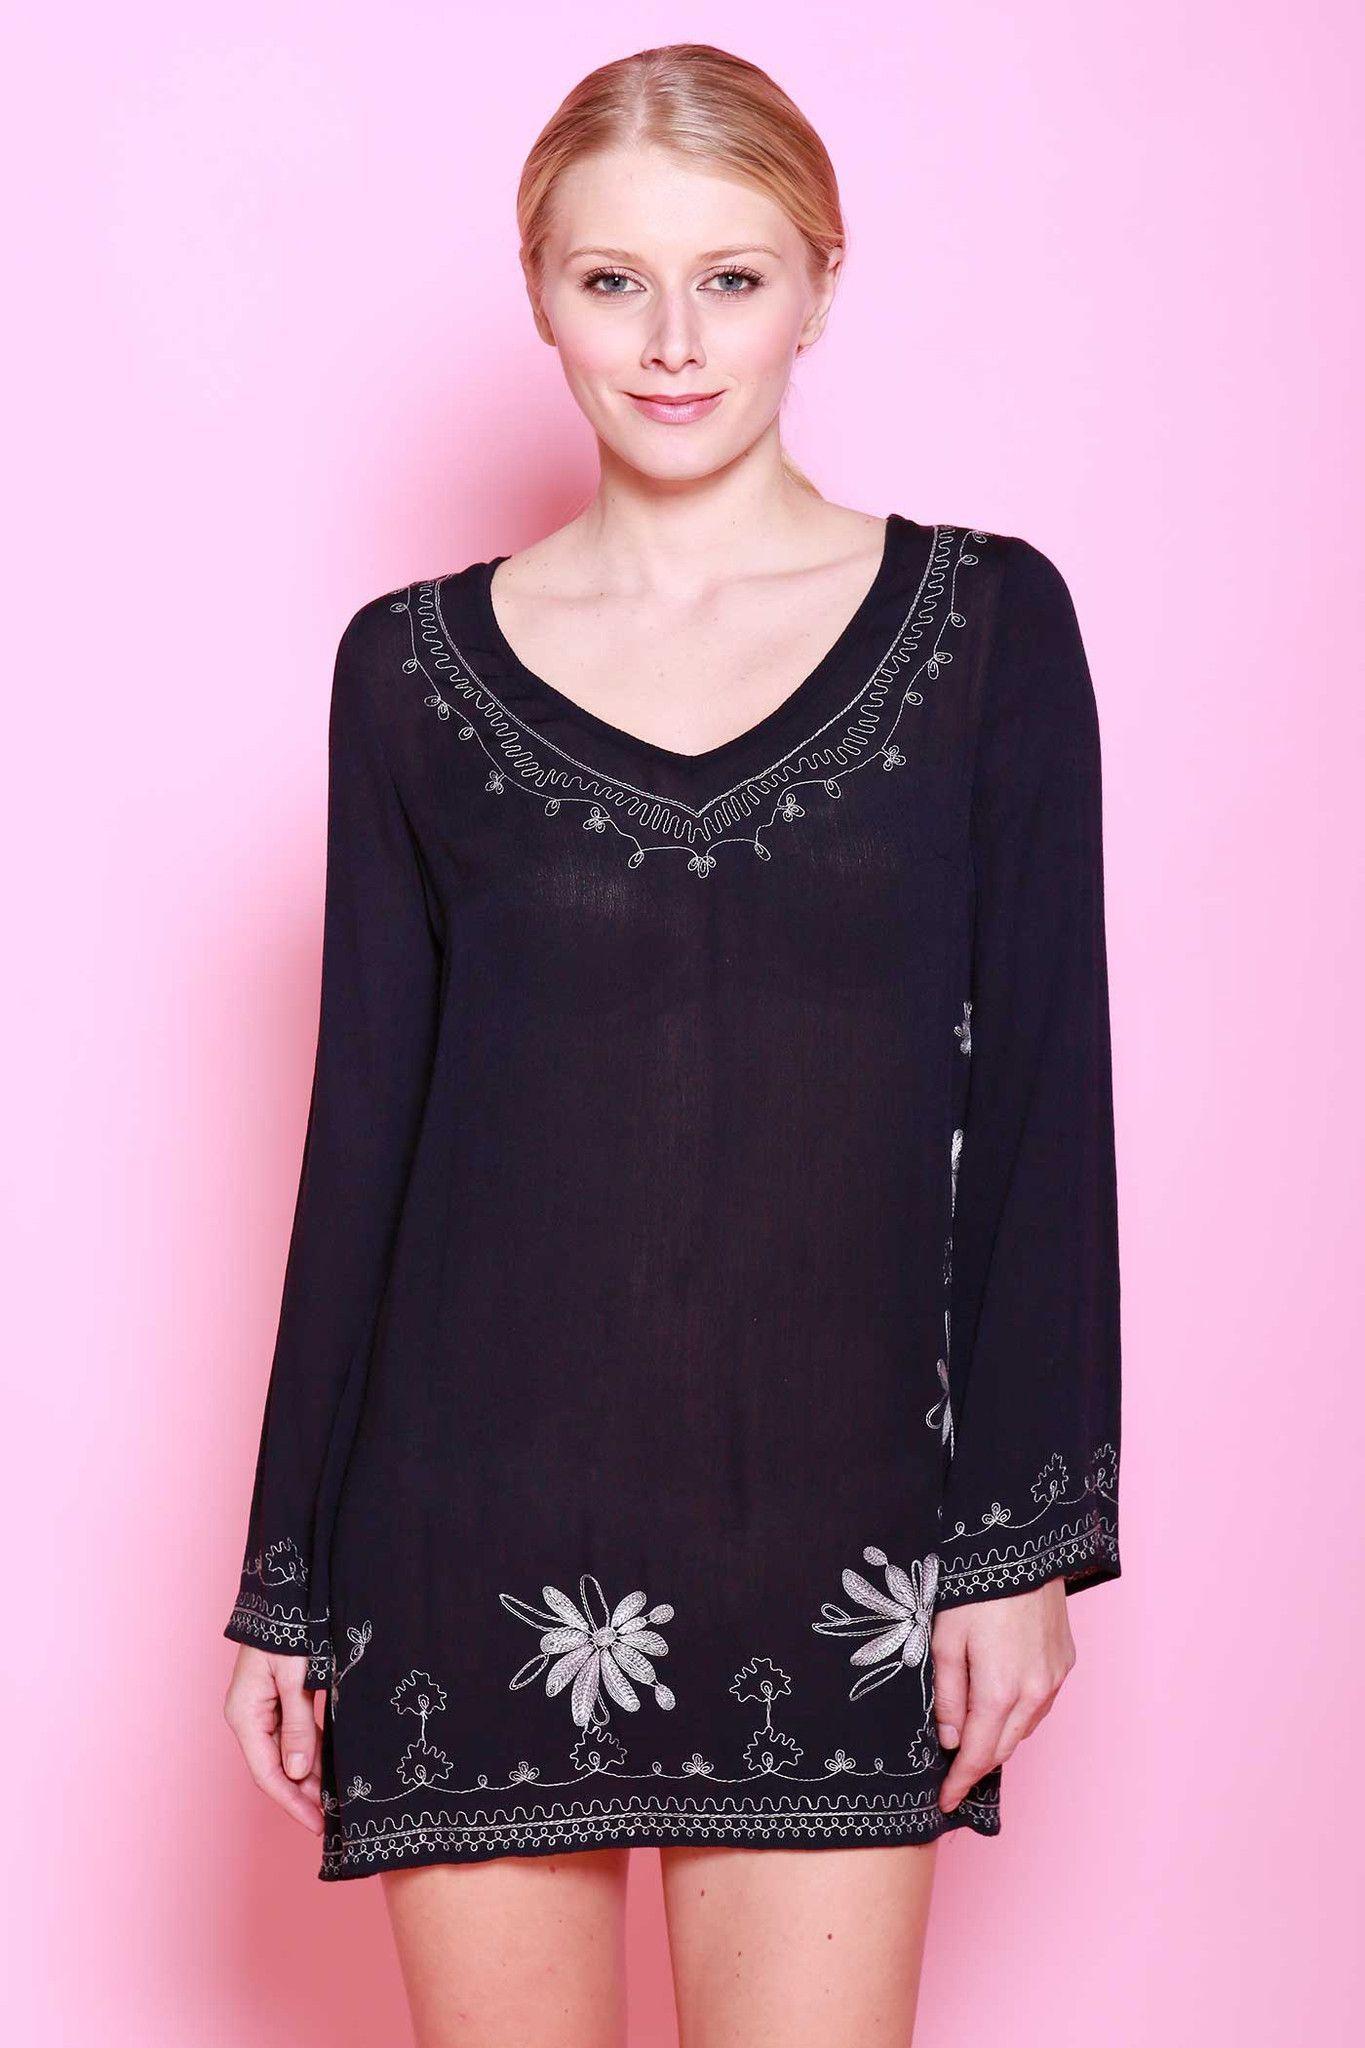 Nicole Boho Dress | Products | Pinterest